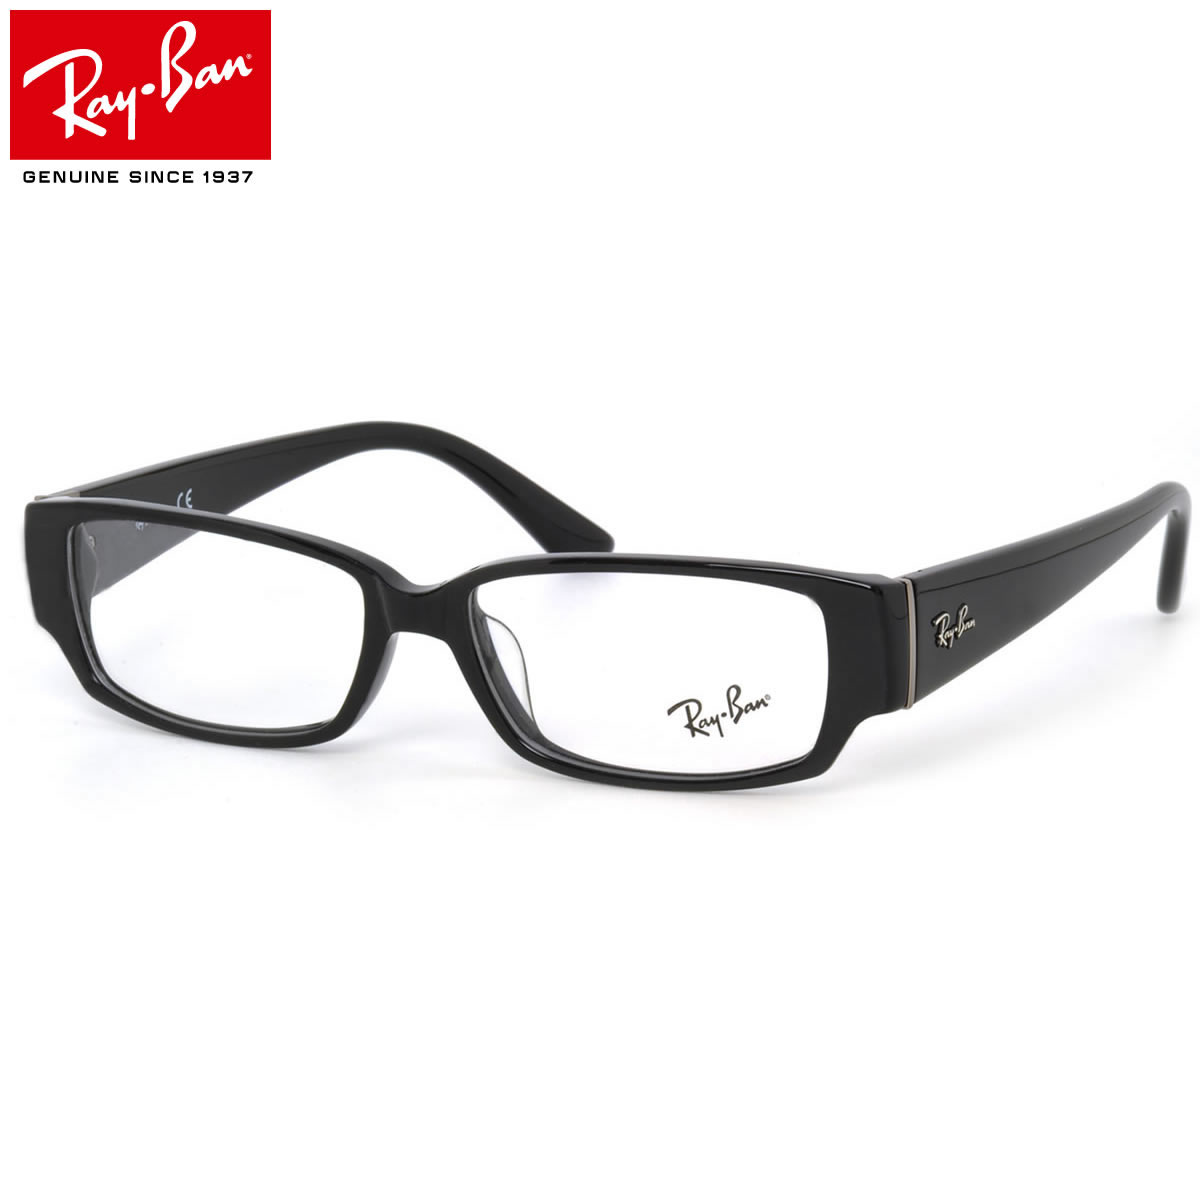 ほぼ全品ポイント15倍~最大43倍!お得なクーポンも! レイバン メガネ フレーム Ray-Ban RX5250 5114 54サイズ 伊達メガネ フレーム 度付き レイバン RAYBAN メンズ レディース